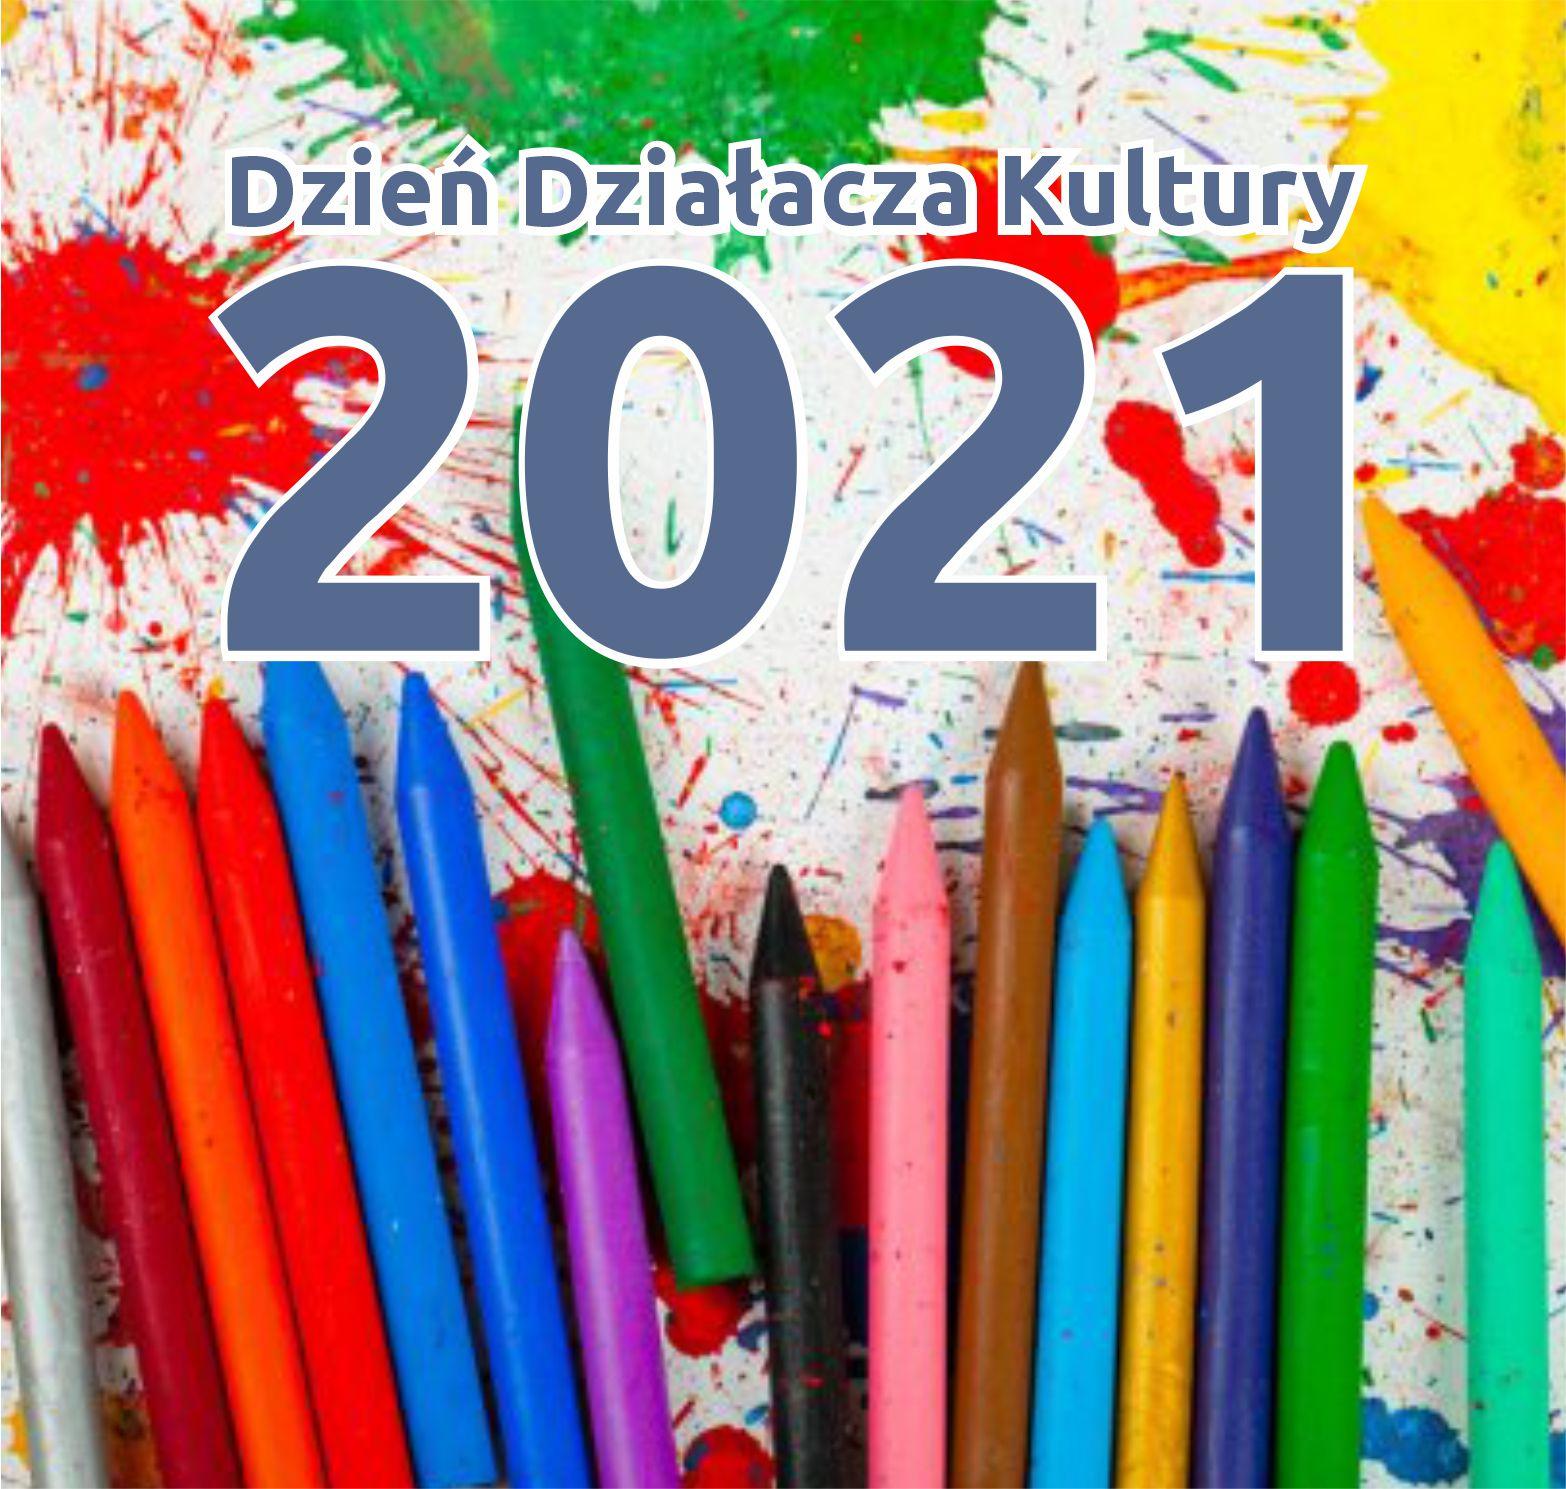 plakat dzień działacza kultury